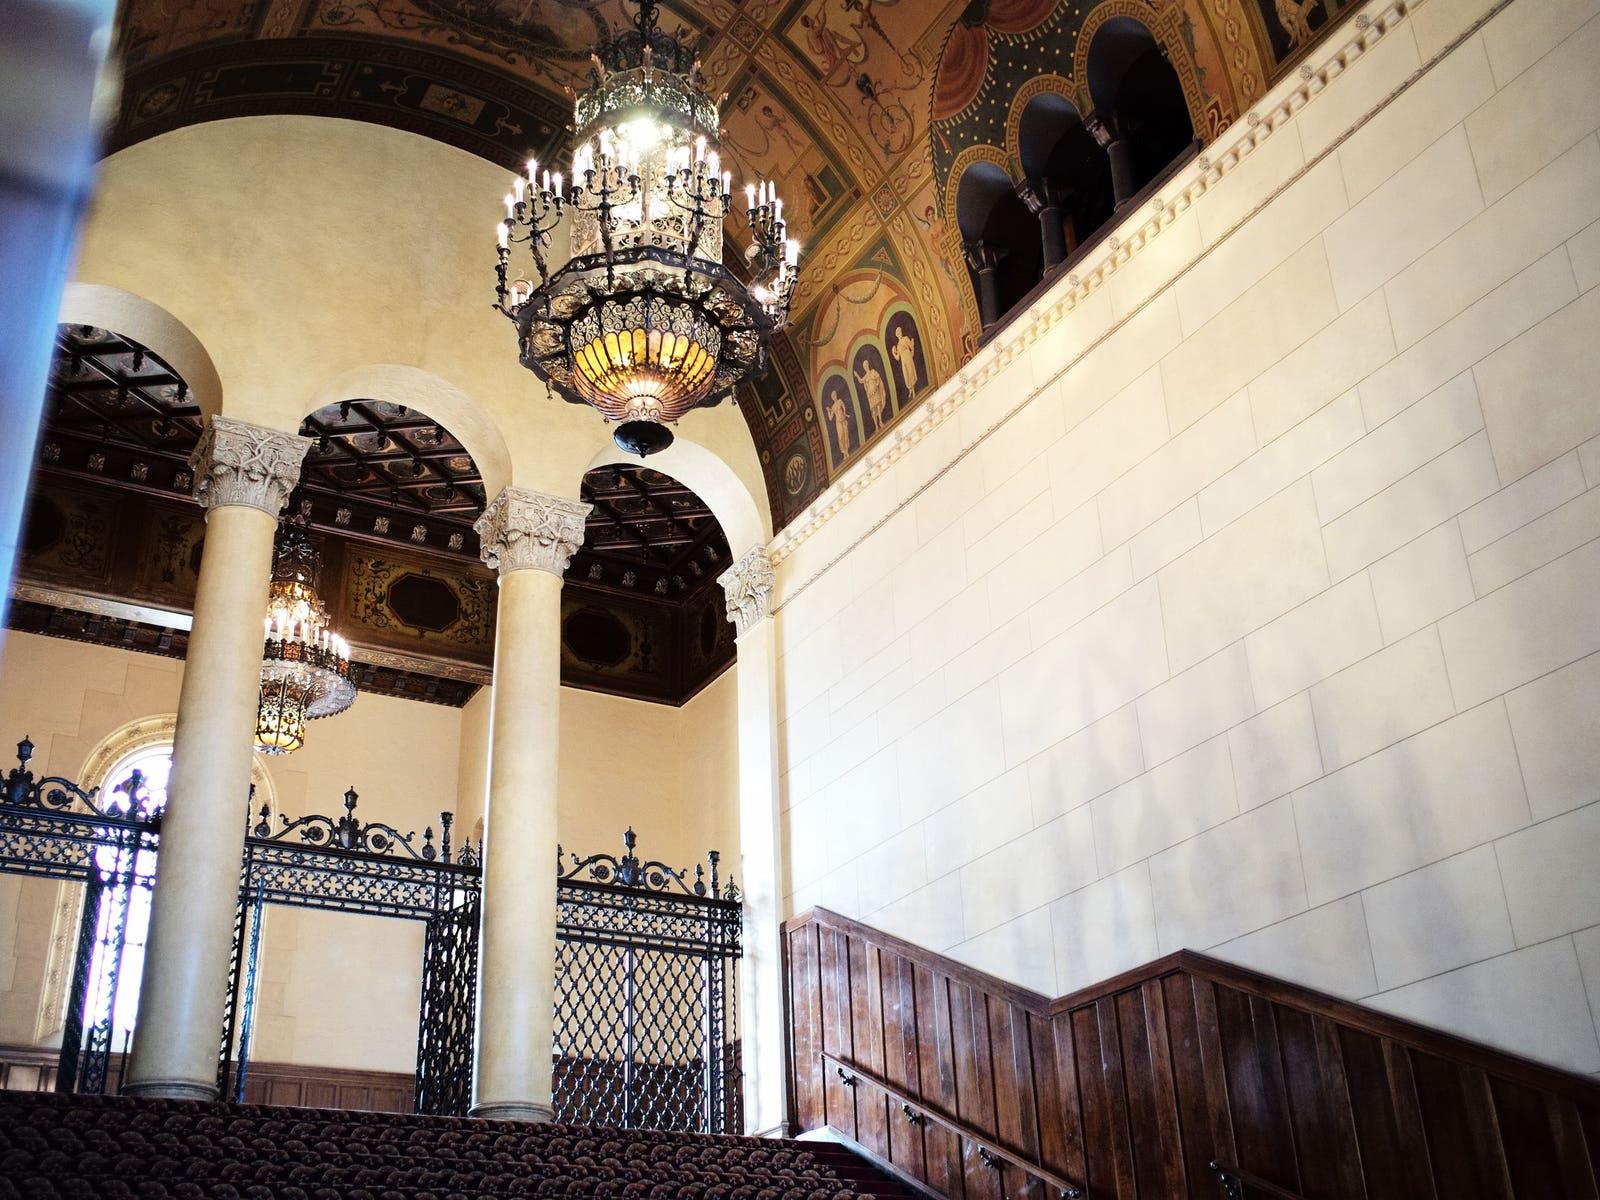 Lobby of The Macarthur